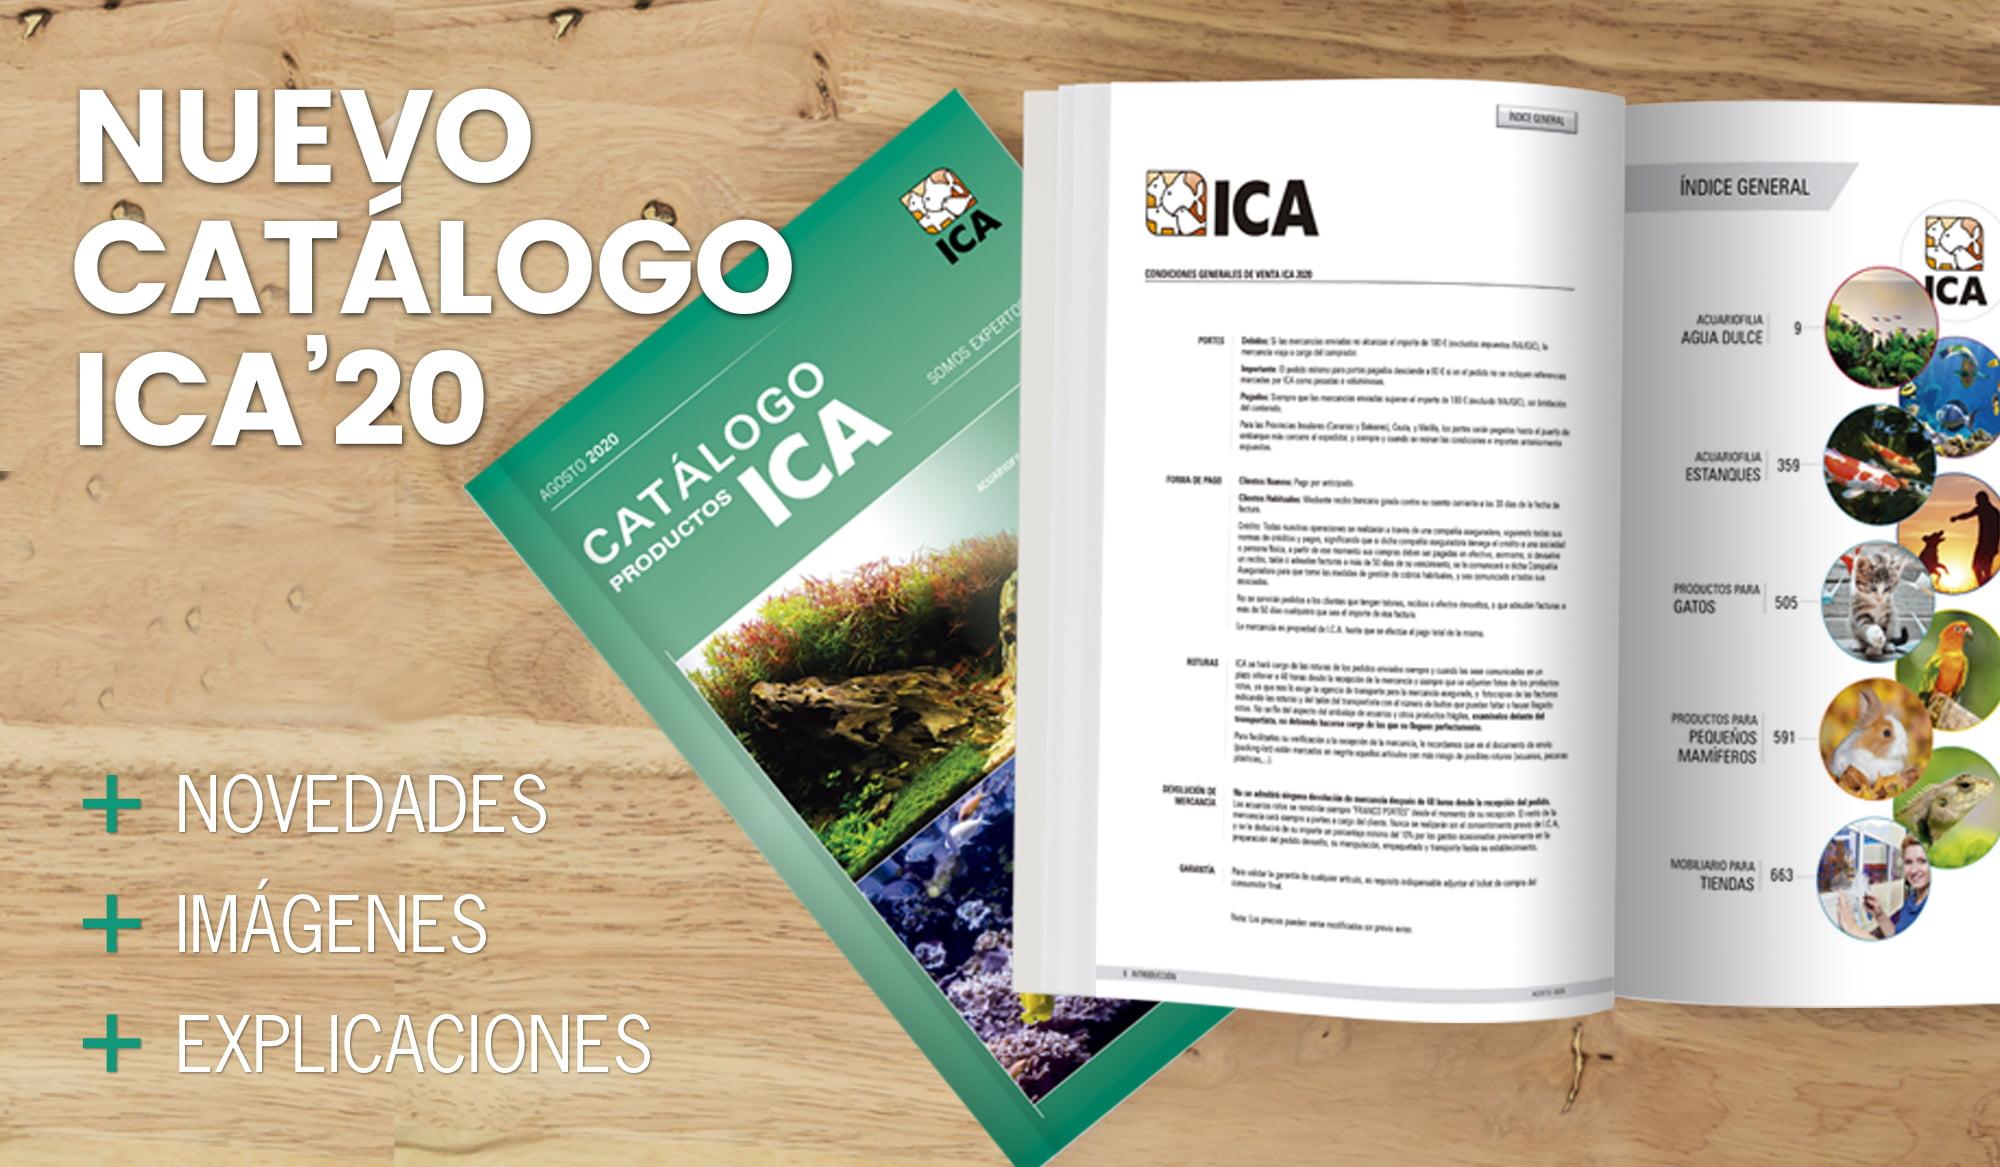 Nuevo Catálogo ICA 2020